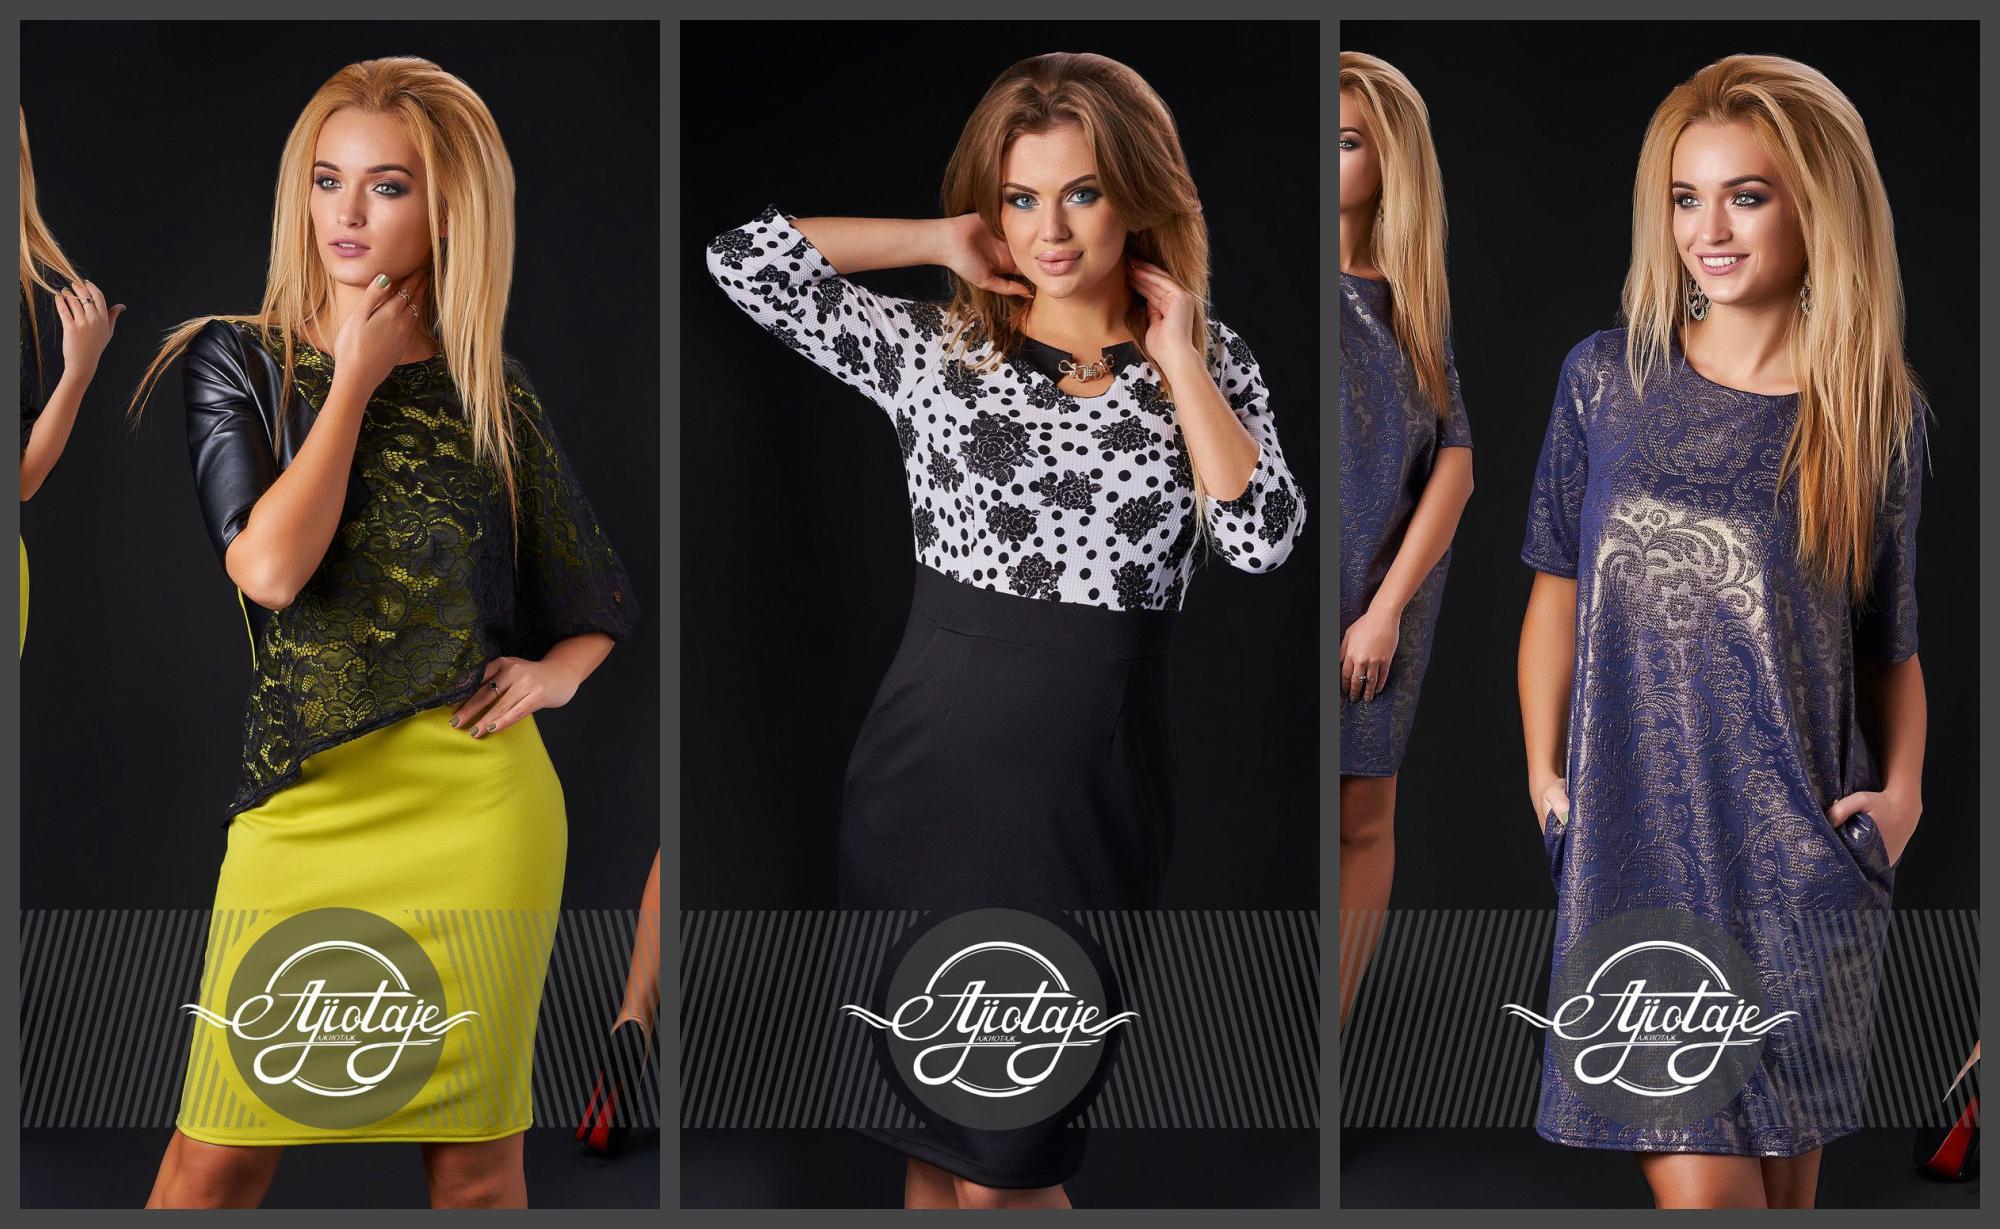 Качественная женская одежда по супер выгодным ценам (от 500 руб) на разные типы фигур (до 62 р-ра). Много новинок. Без рядов - 16